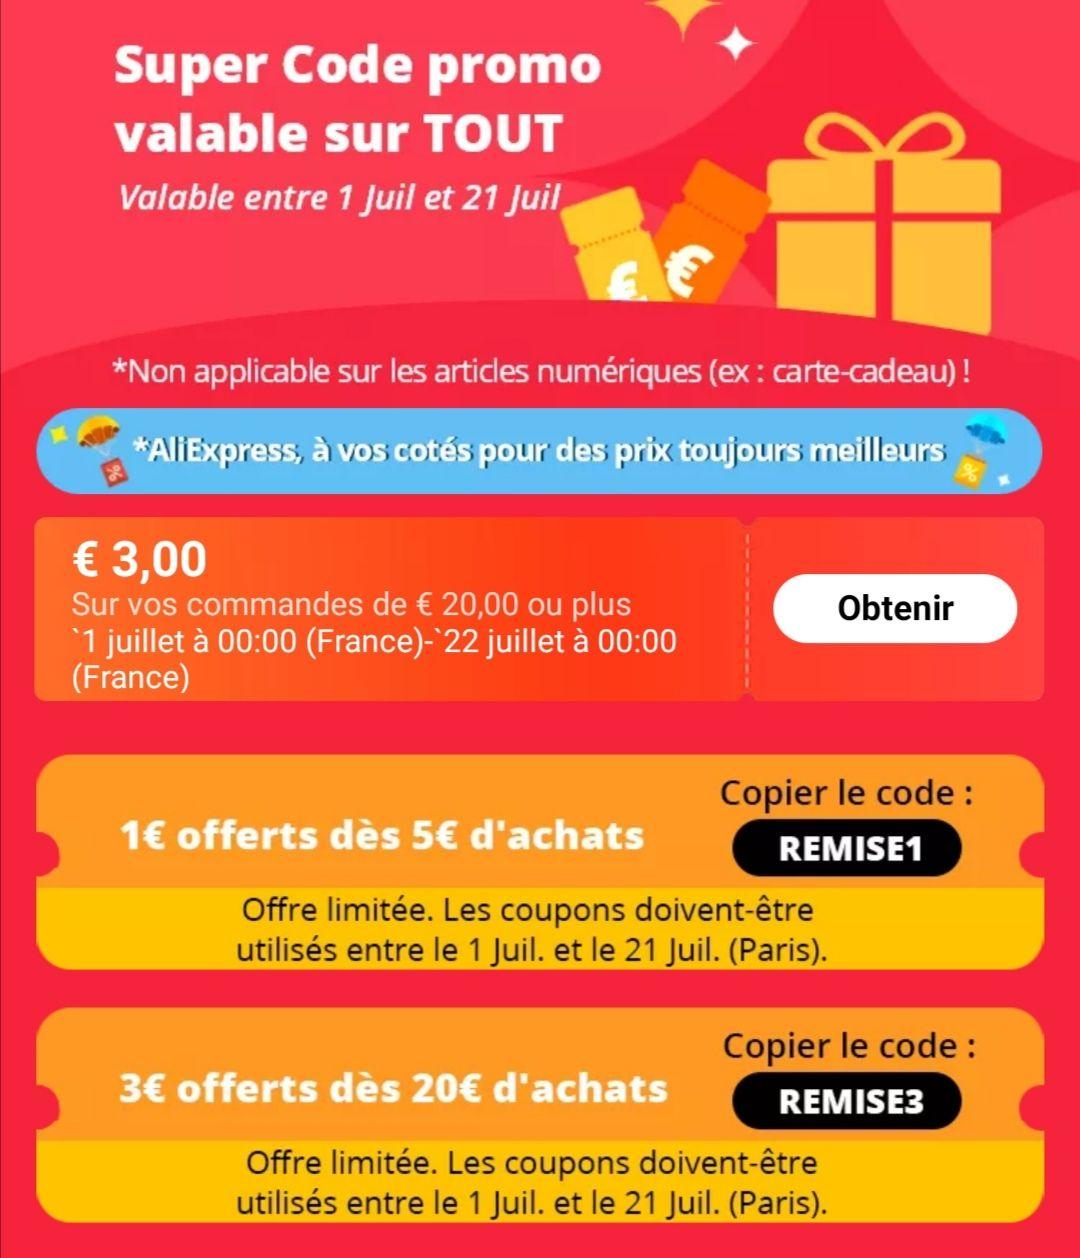 1€ de réduction dès 5€ d'achat et 3€ de réduction dès 20€ d'achat